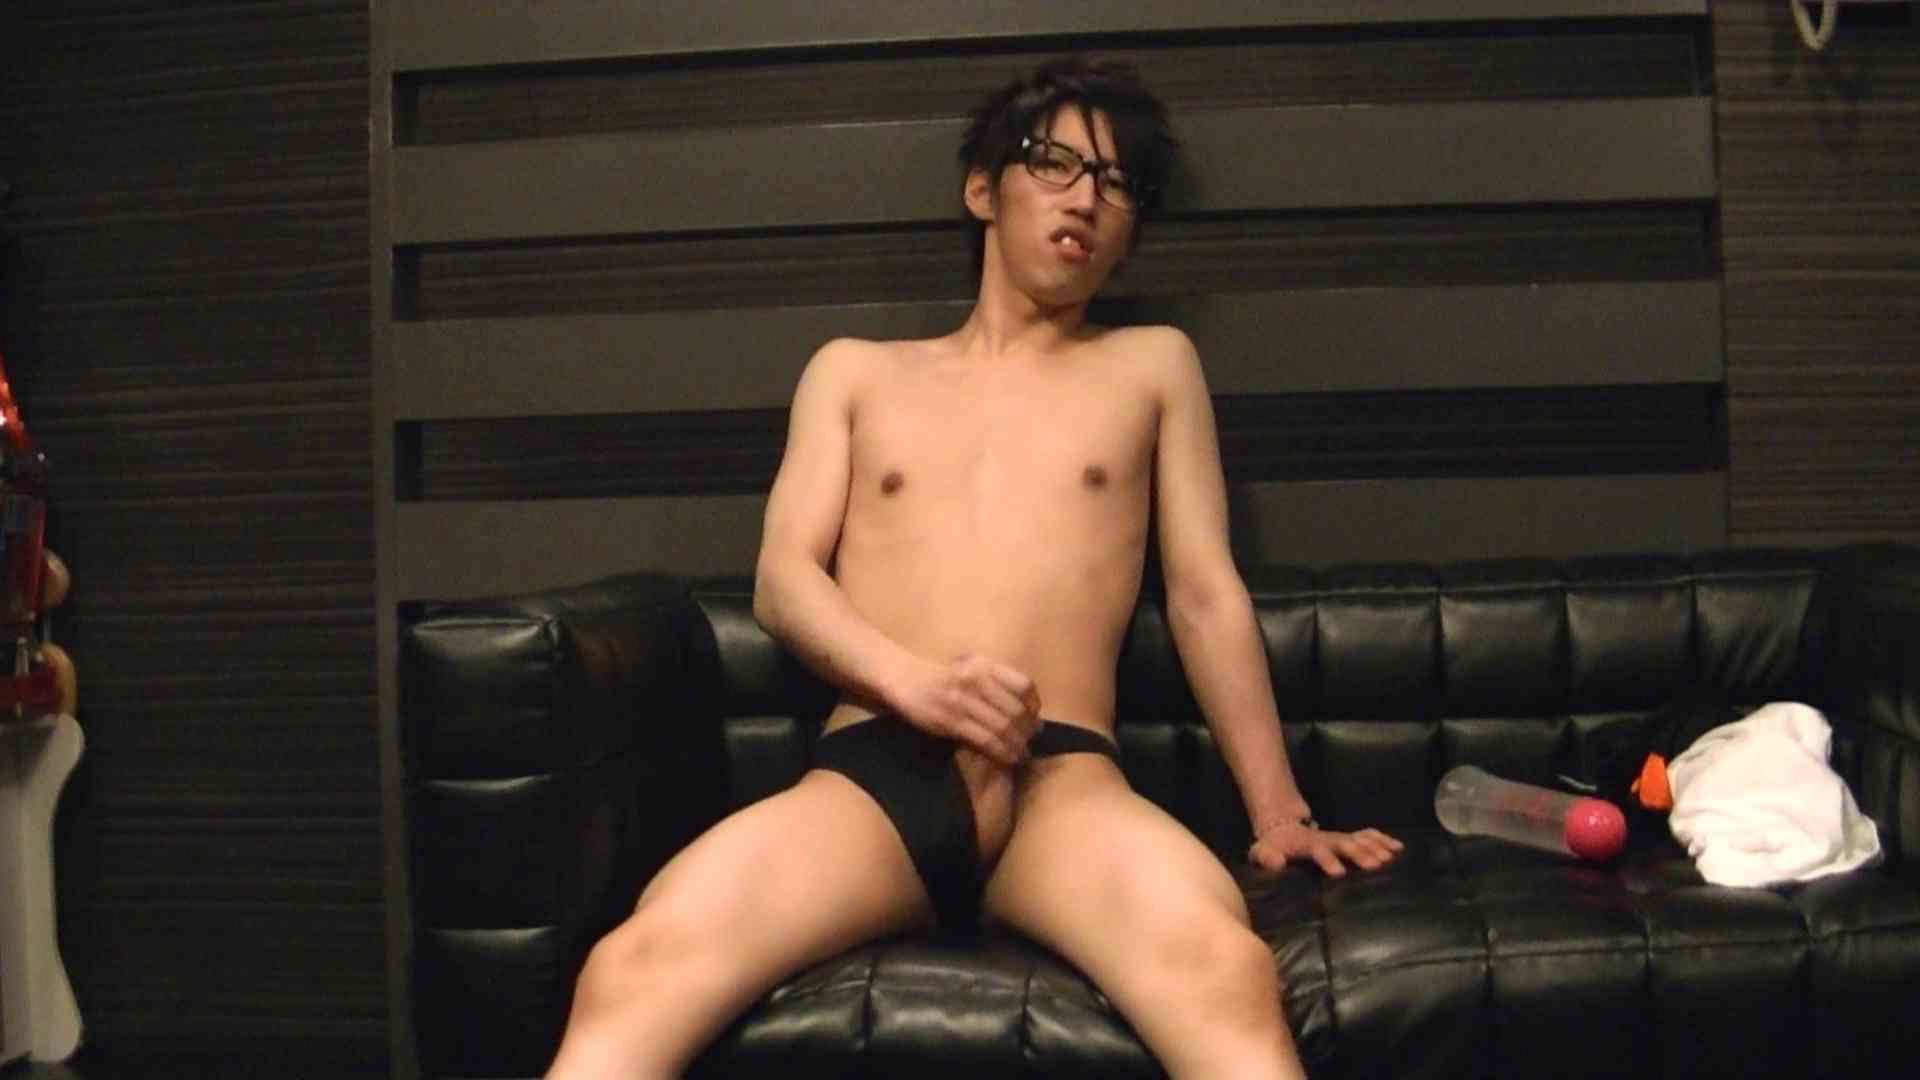 Mr.オナックスさん投稿!HD 貴方のオナニー三万円で撮影させてください。VOL.04 念願の完全無修正 ゲイヌード画像 55連発 44